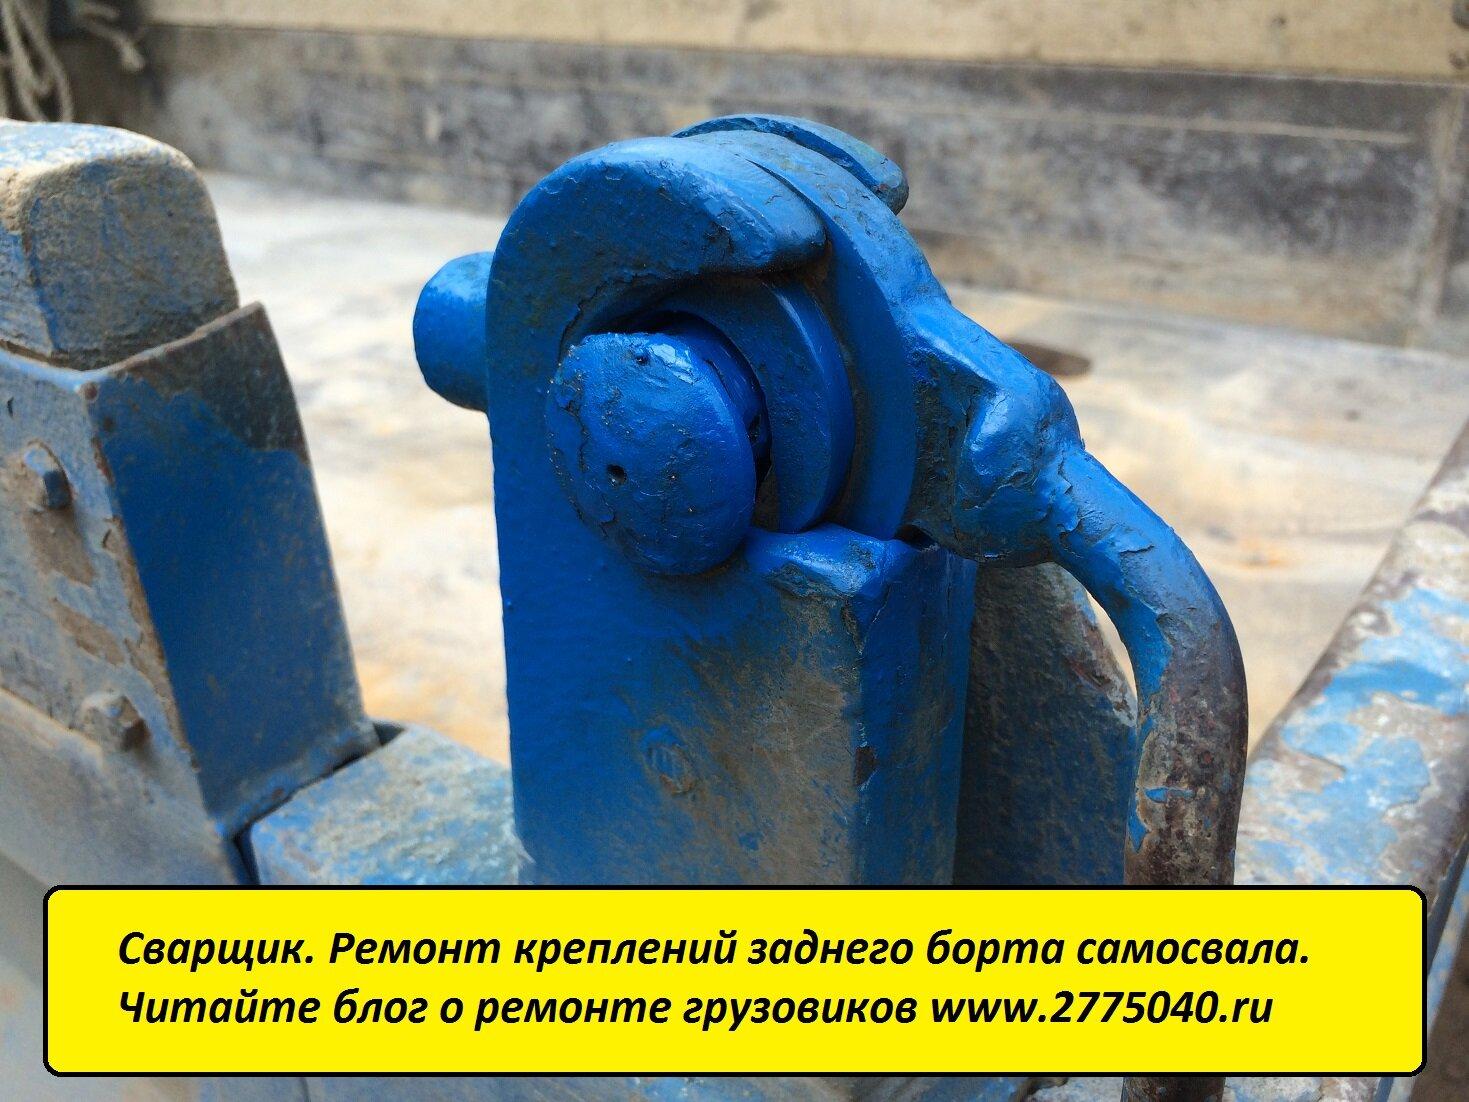 Сварщик. Ремонт креплений заднего борта самосвала. Автосервис Первый. Владивосток